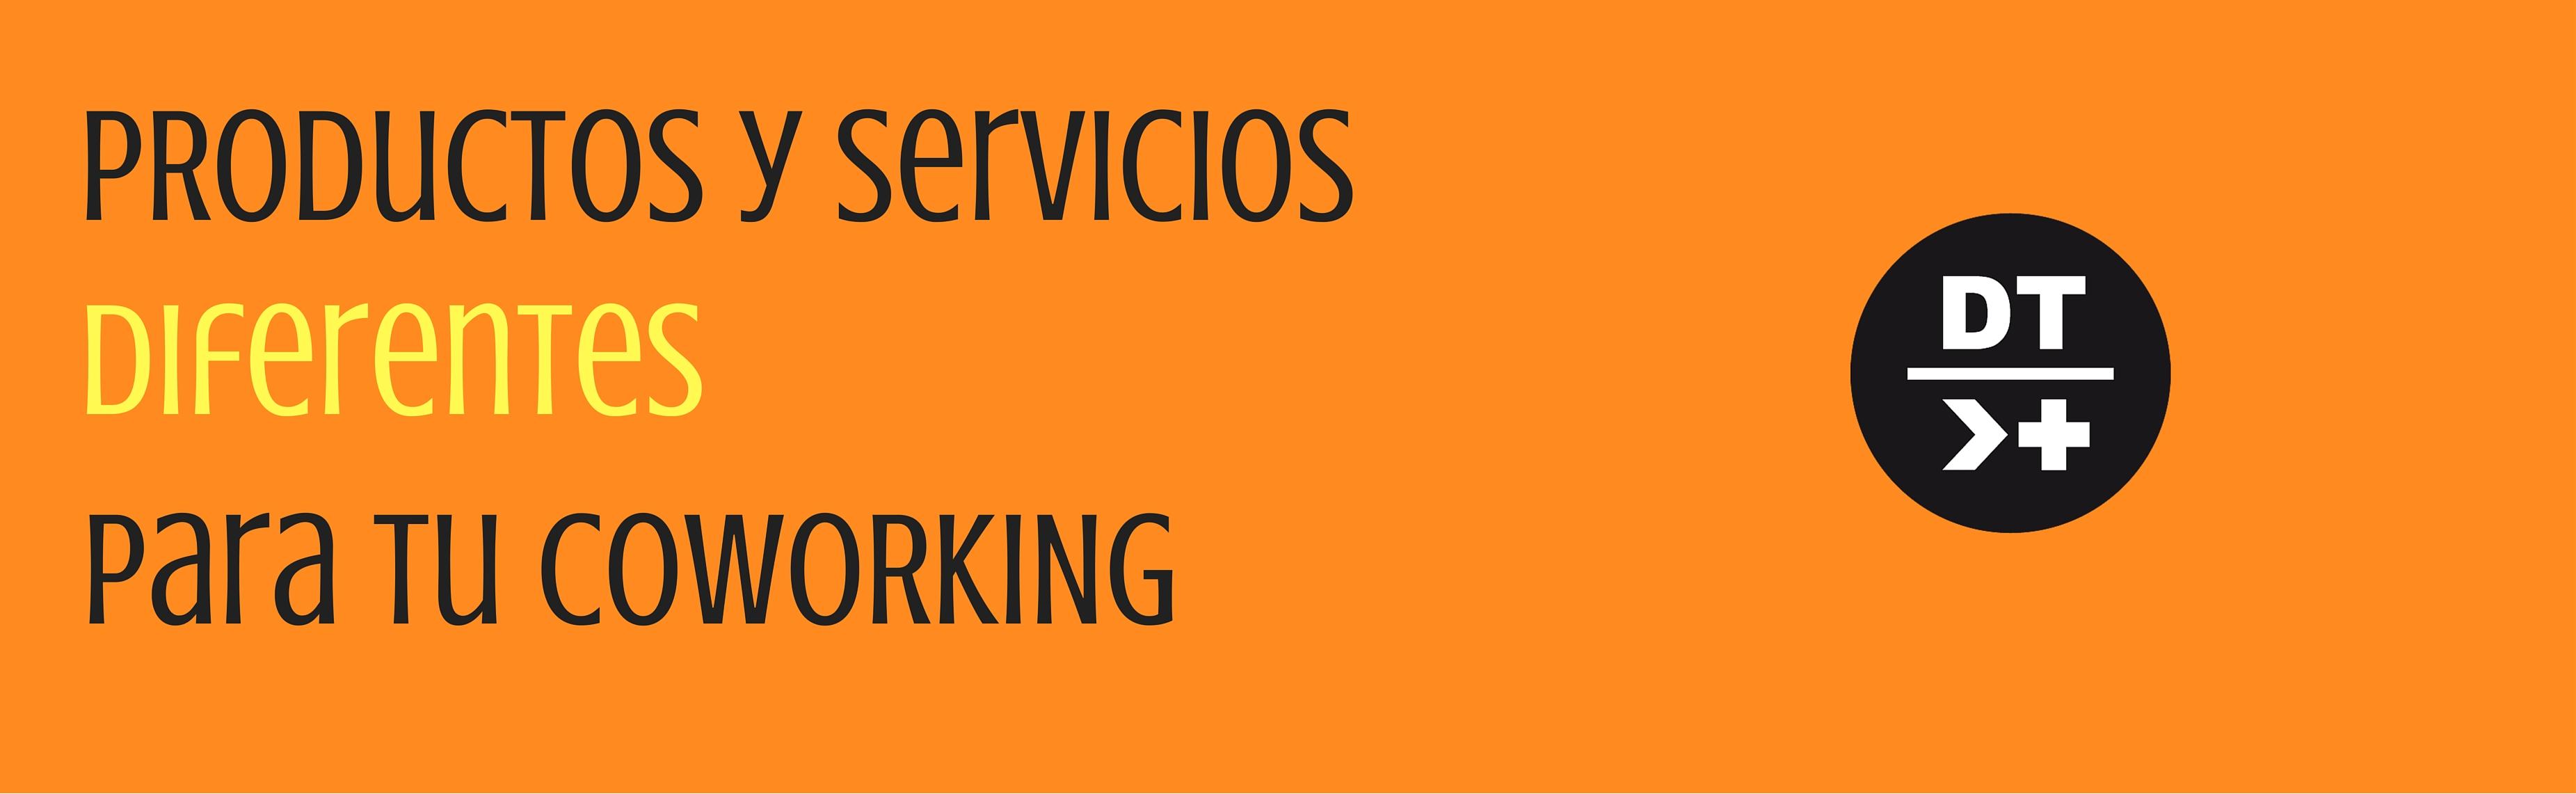 Productos y servicios para tu coworking